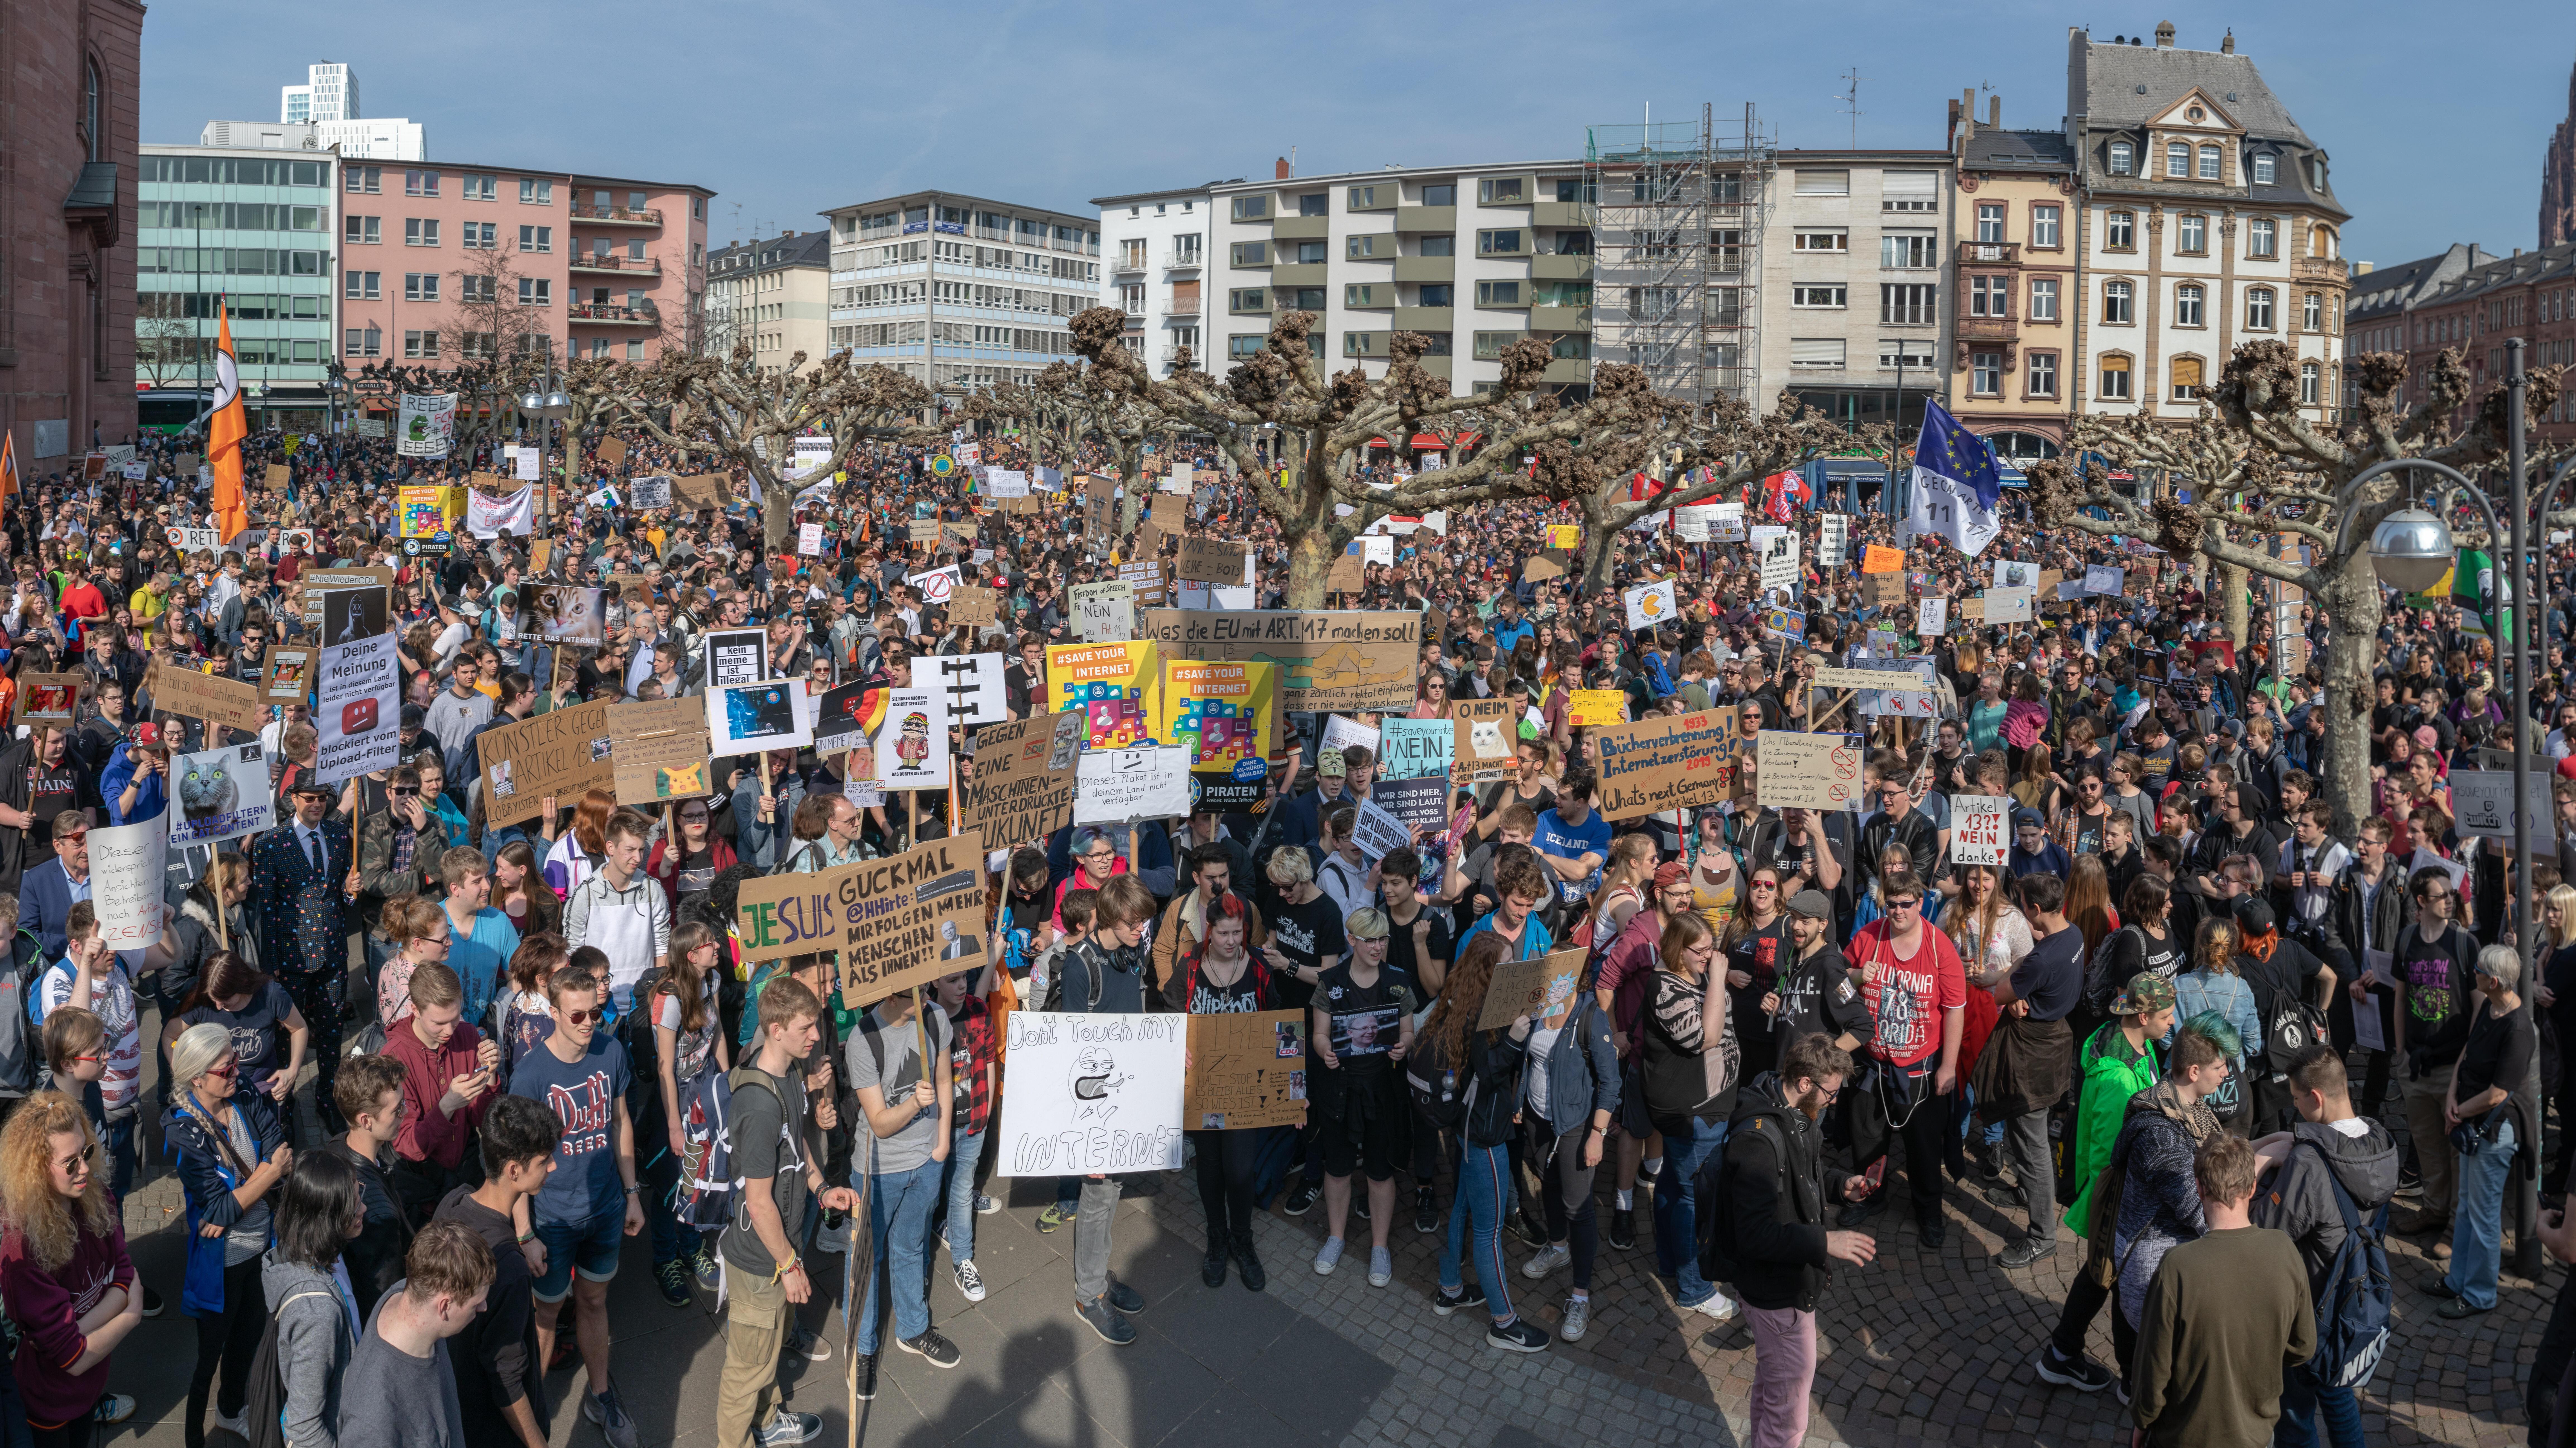 Großaufnahme einer Demonstration gegen Uploadfilter in Frankfurt